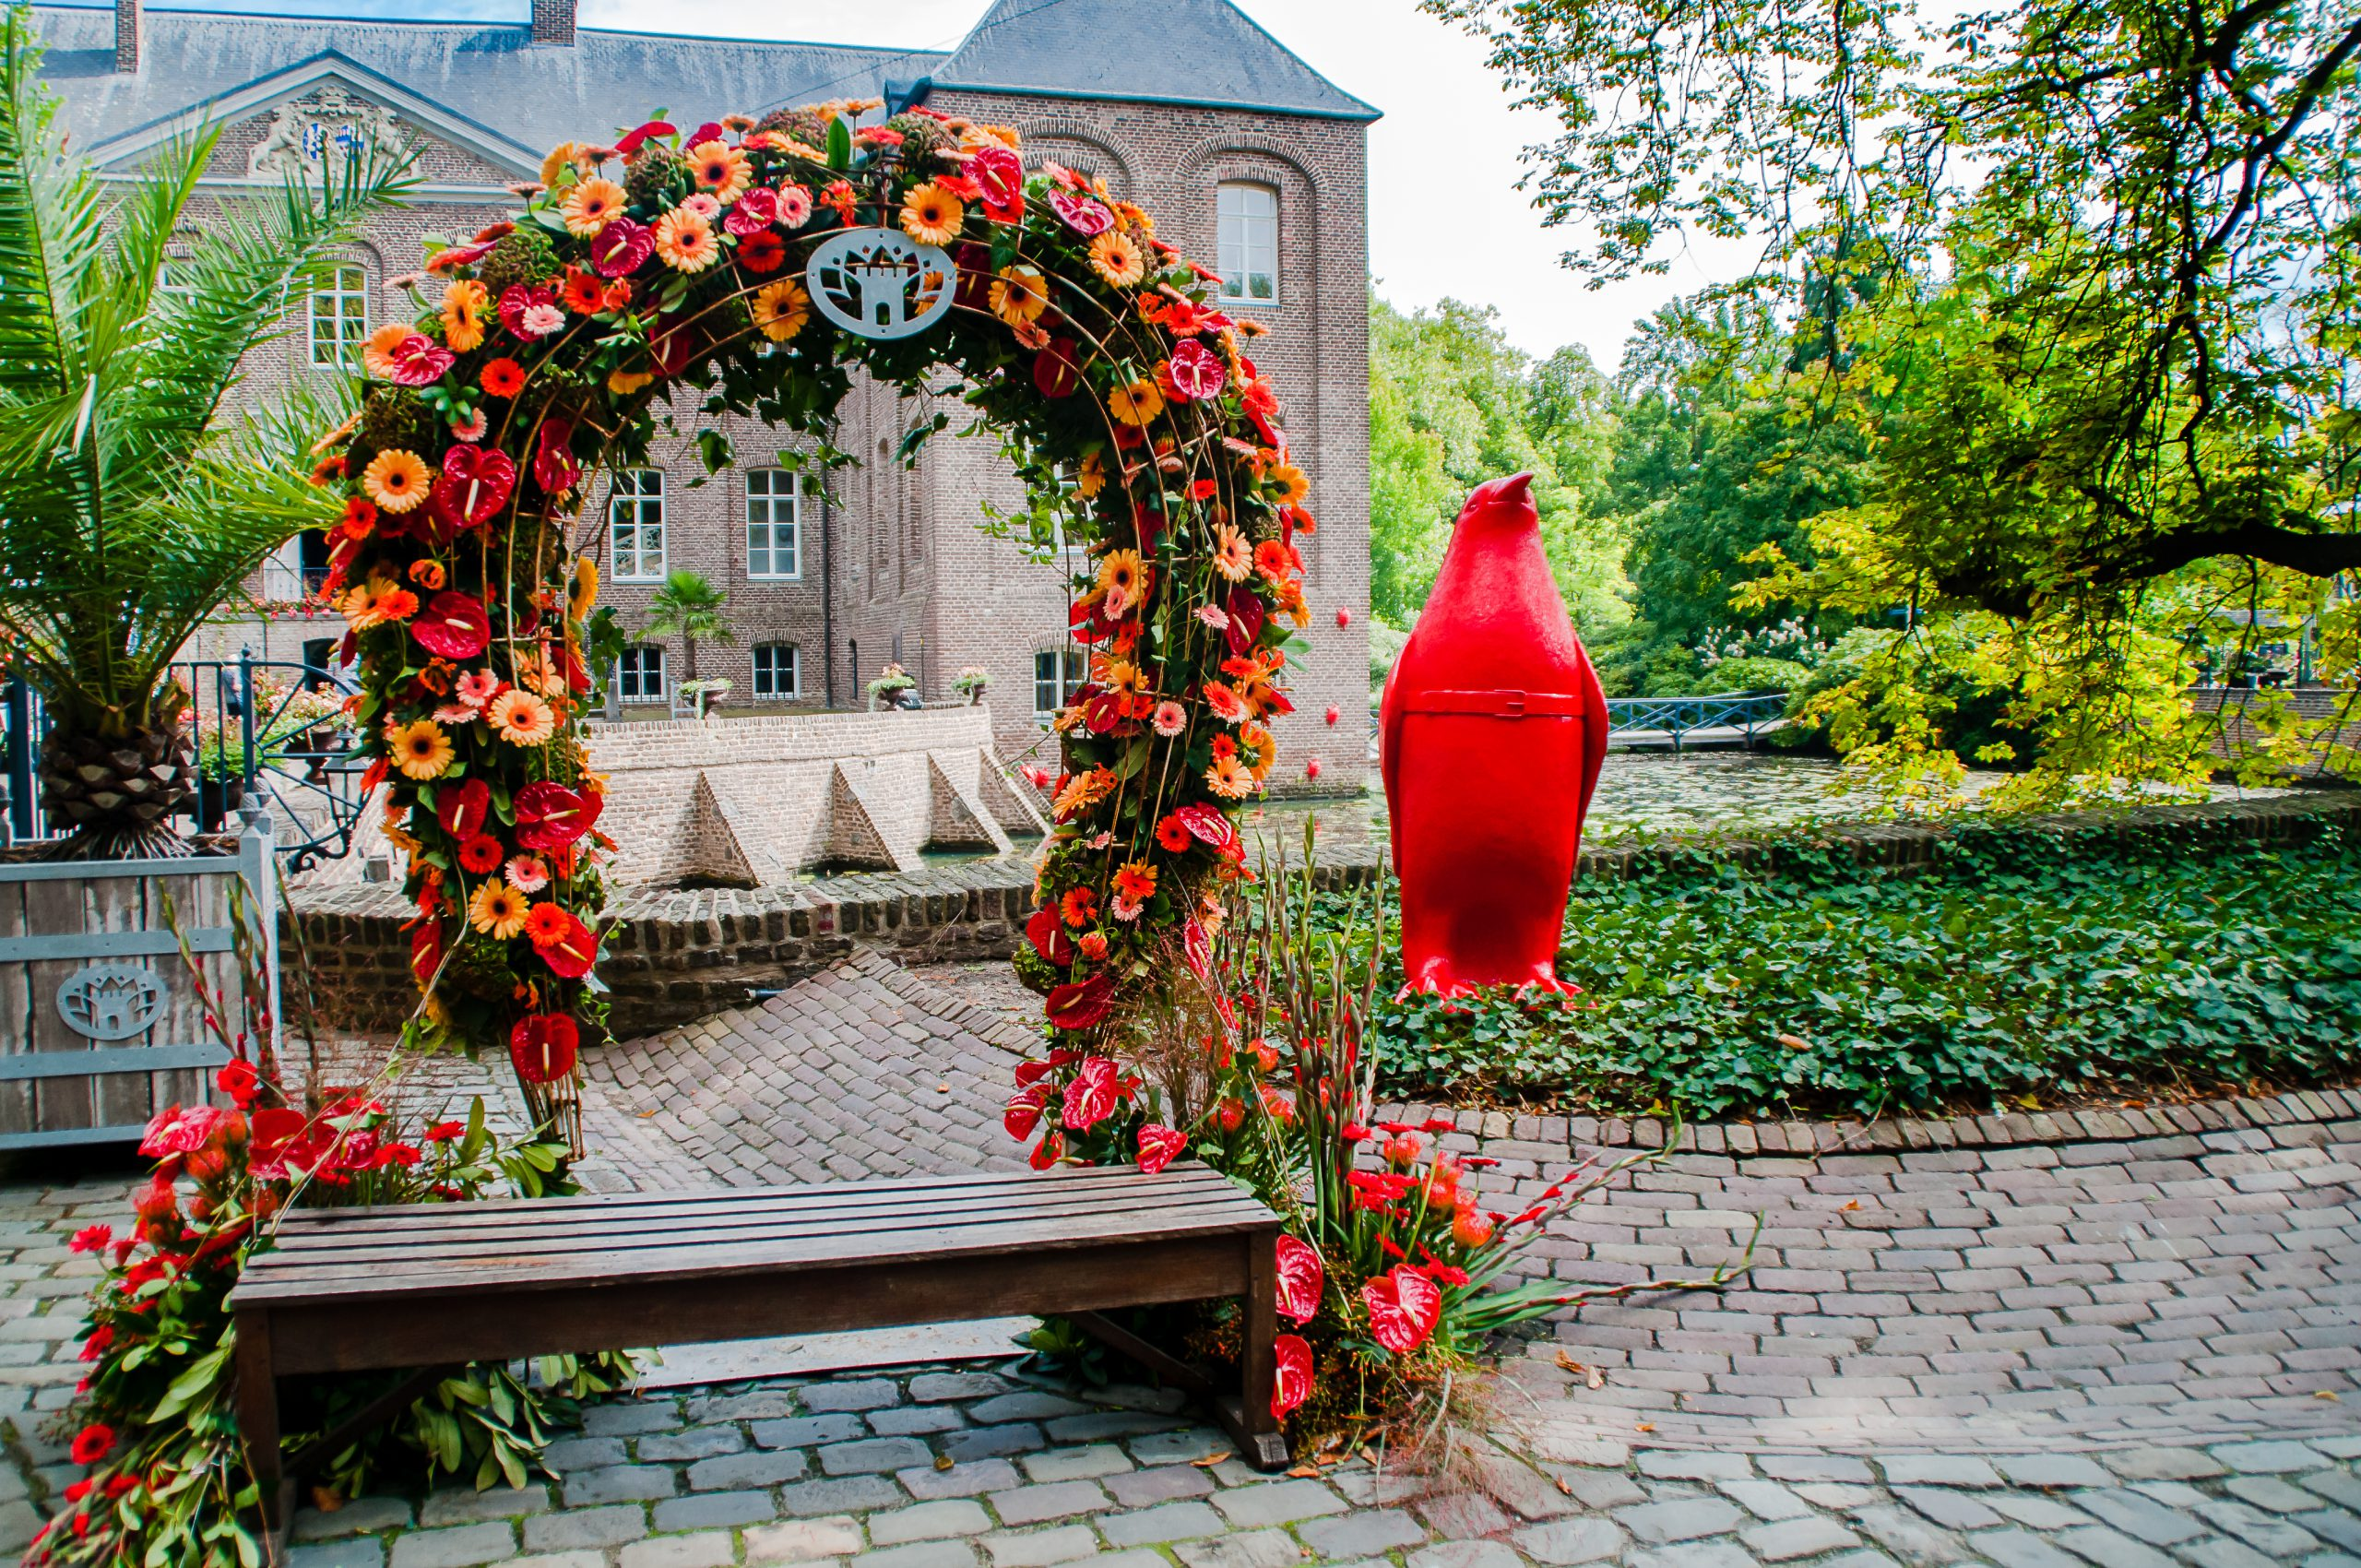 Blumenkunstwerke beim Blumenfestival 'Blumig!'